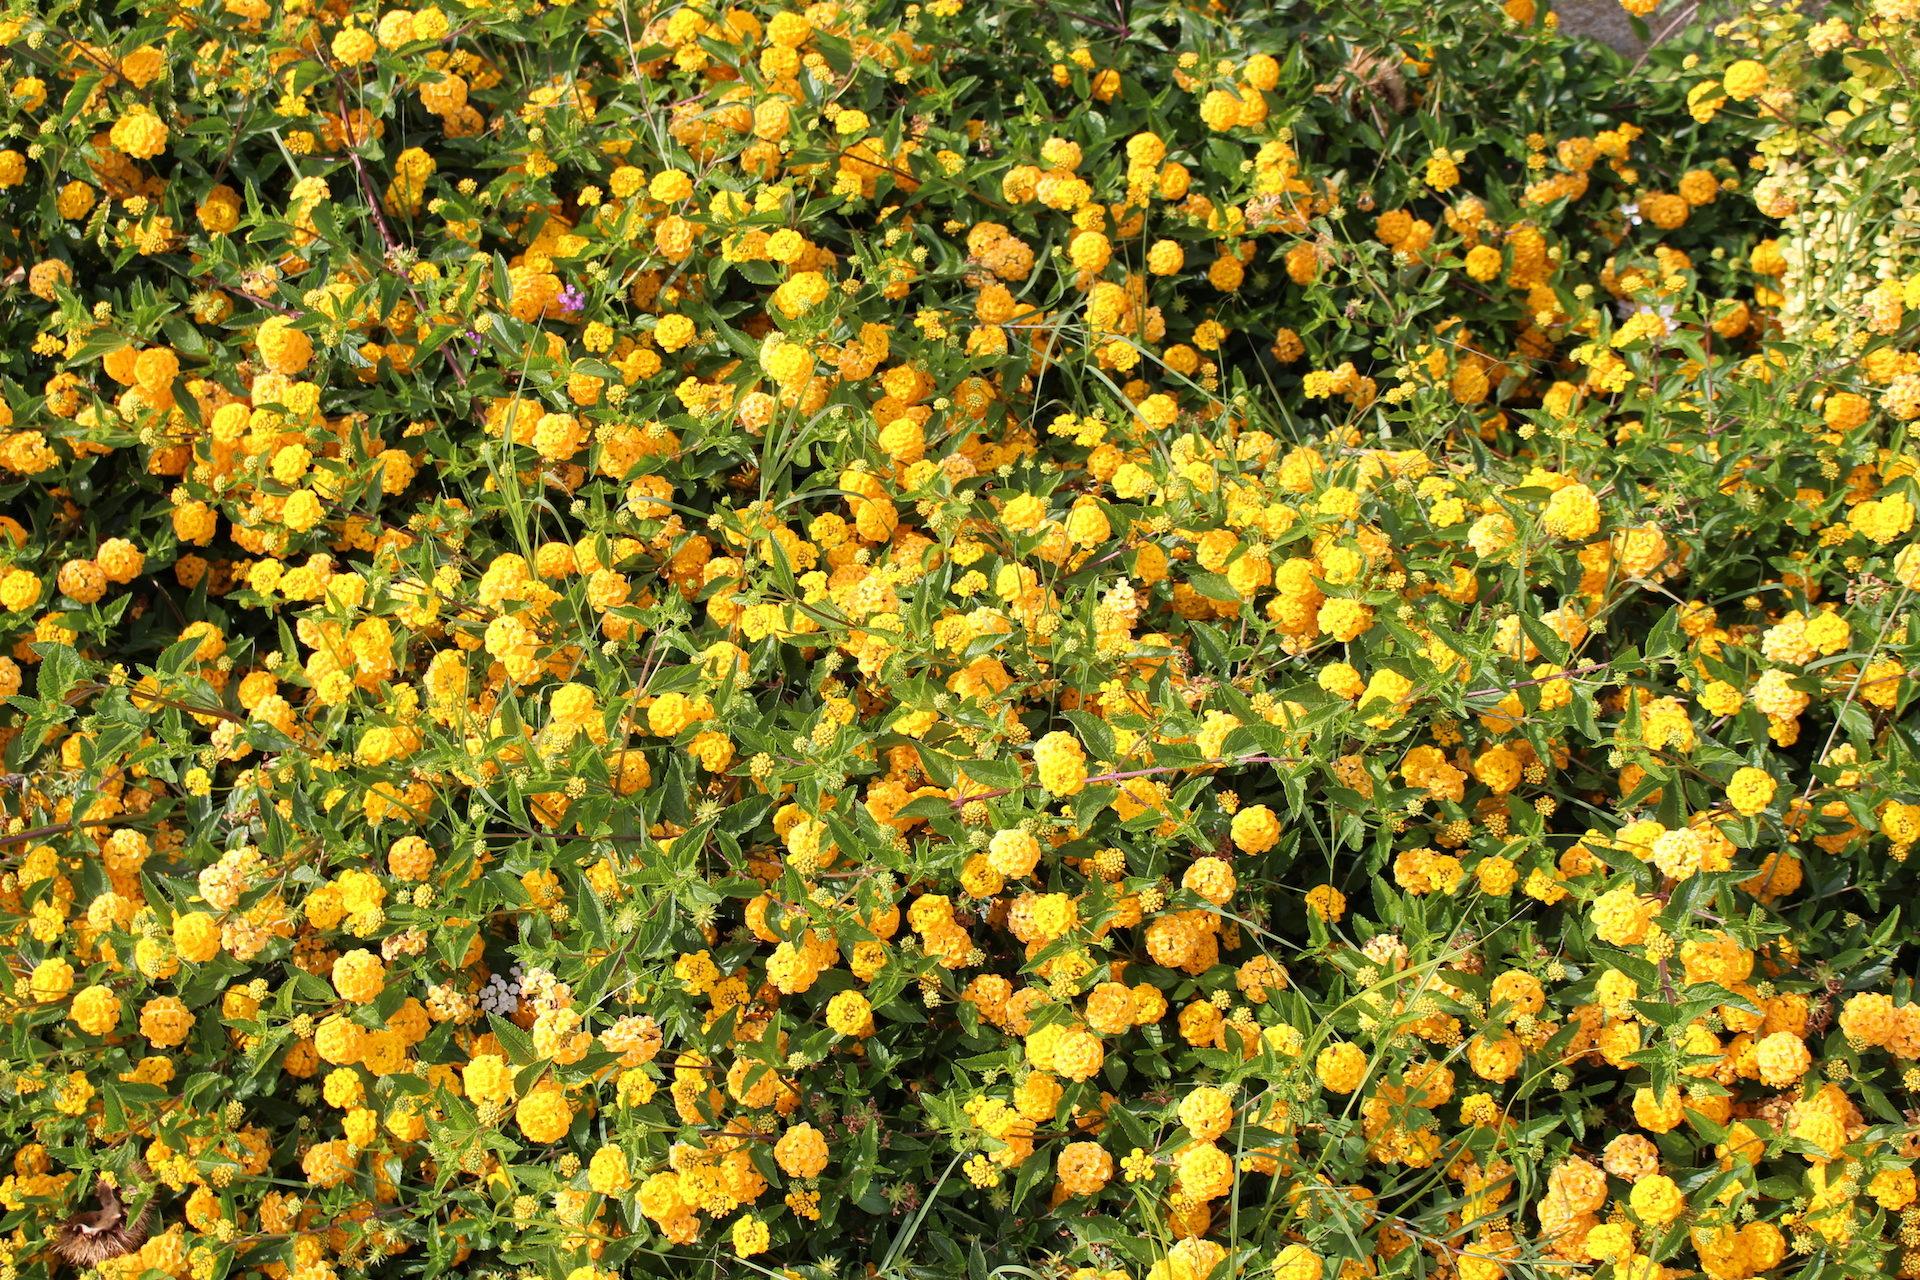 फूल, संयंत्रों, बहुतायत, रामोस, पीला - HD वॉलपेपर - प्रोफेसर-falken.com